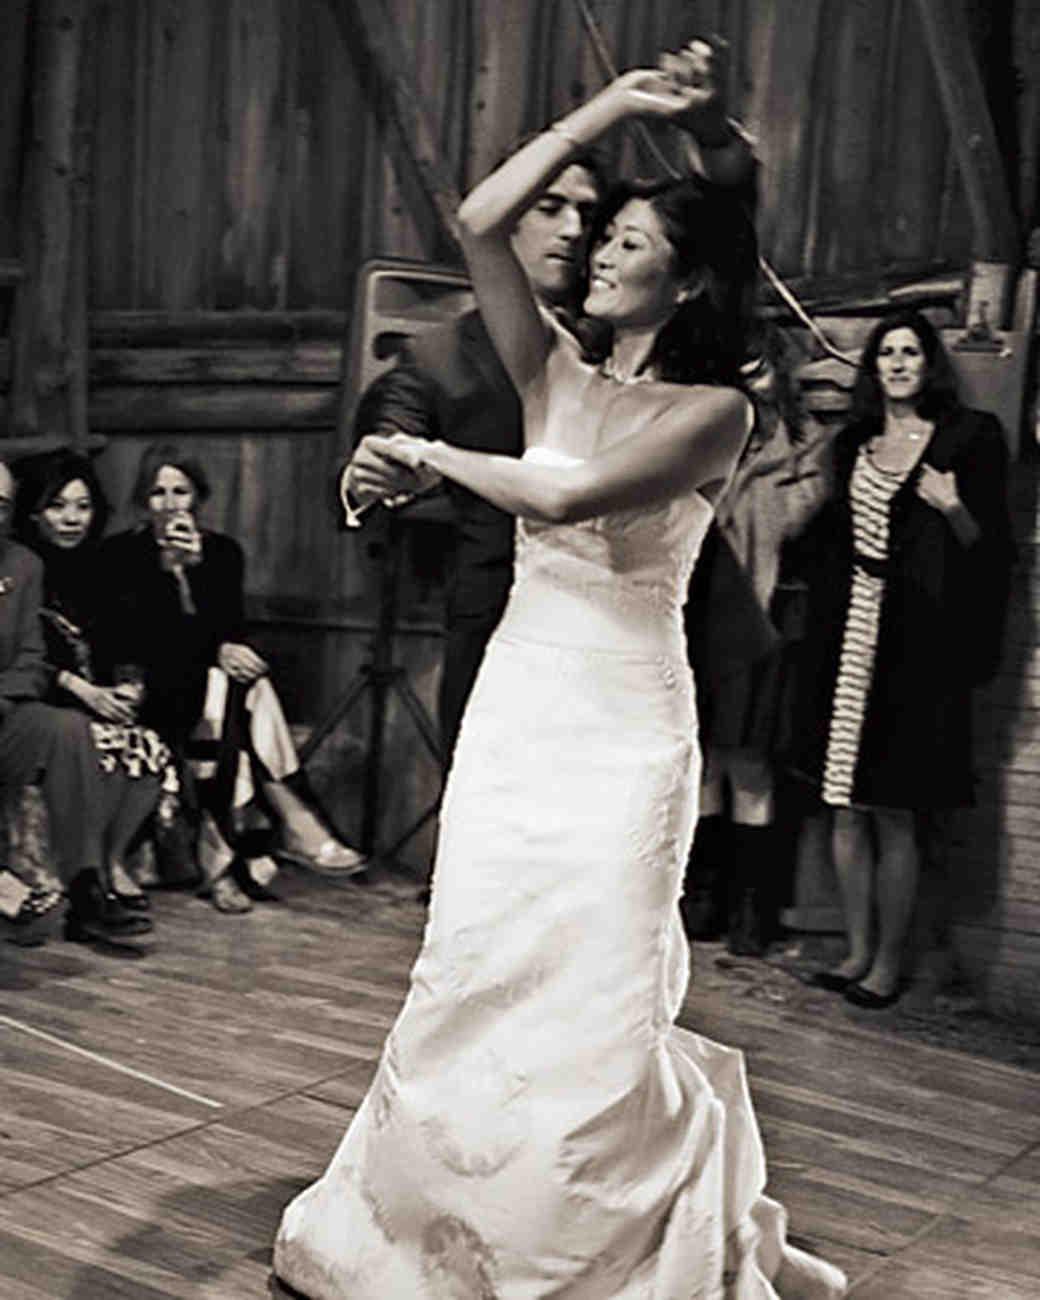 mws1644_0_fal08_sa_dance.jpg